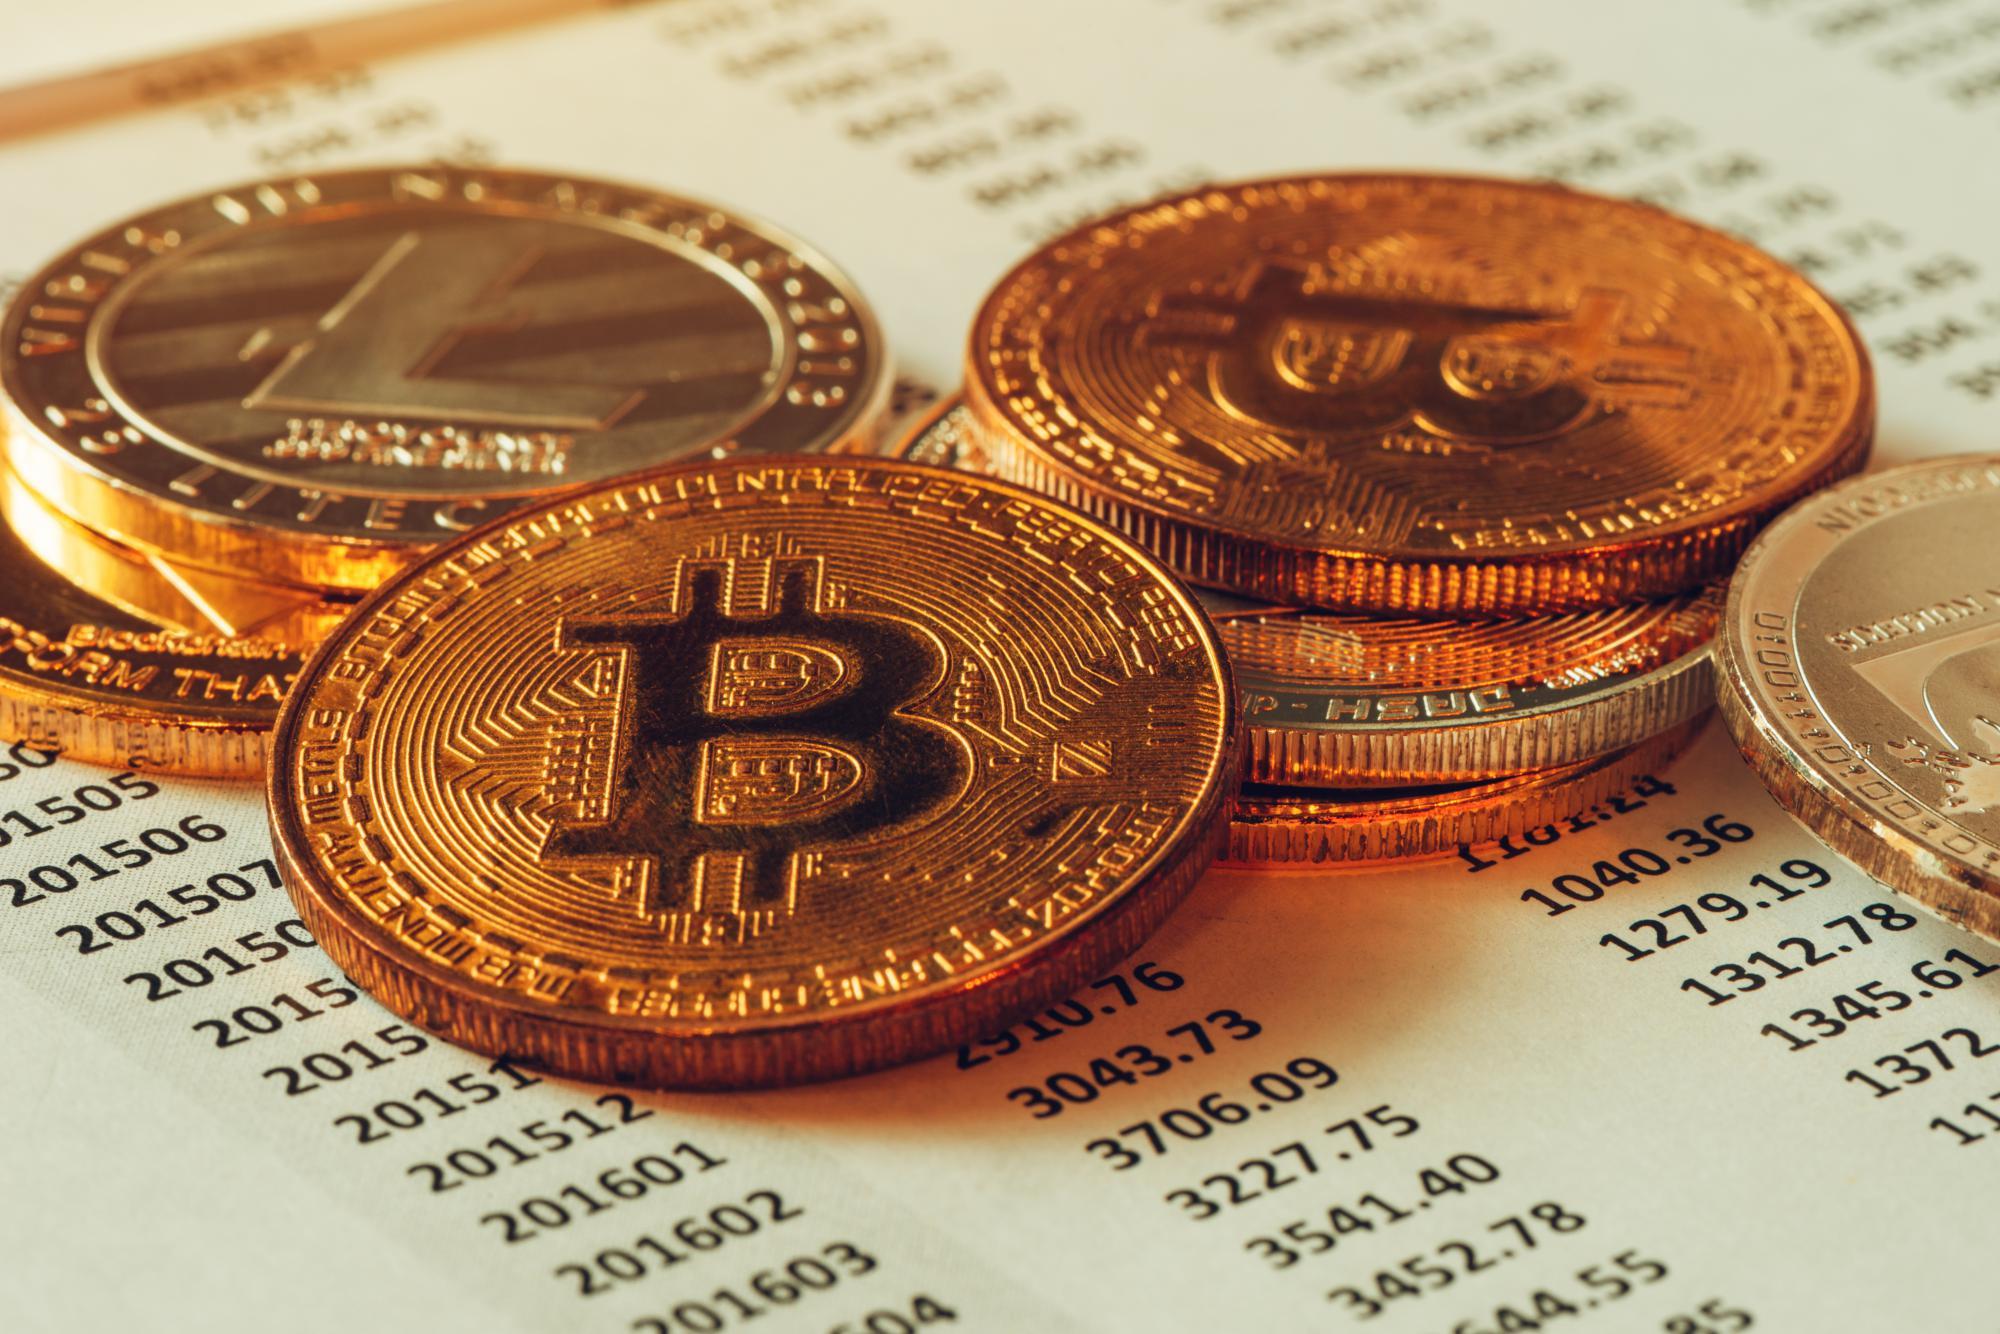 Не декларирующих криптовалюту лиц будут привлекать к уголовной ответственности